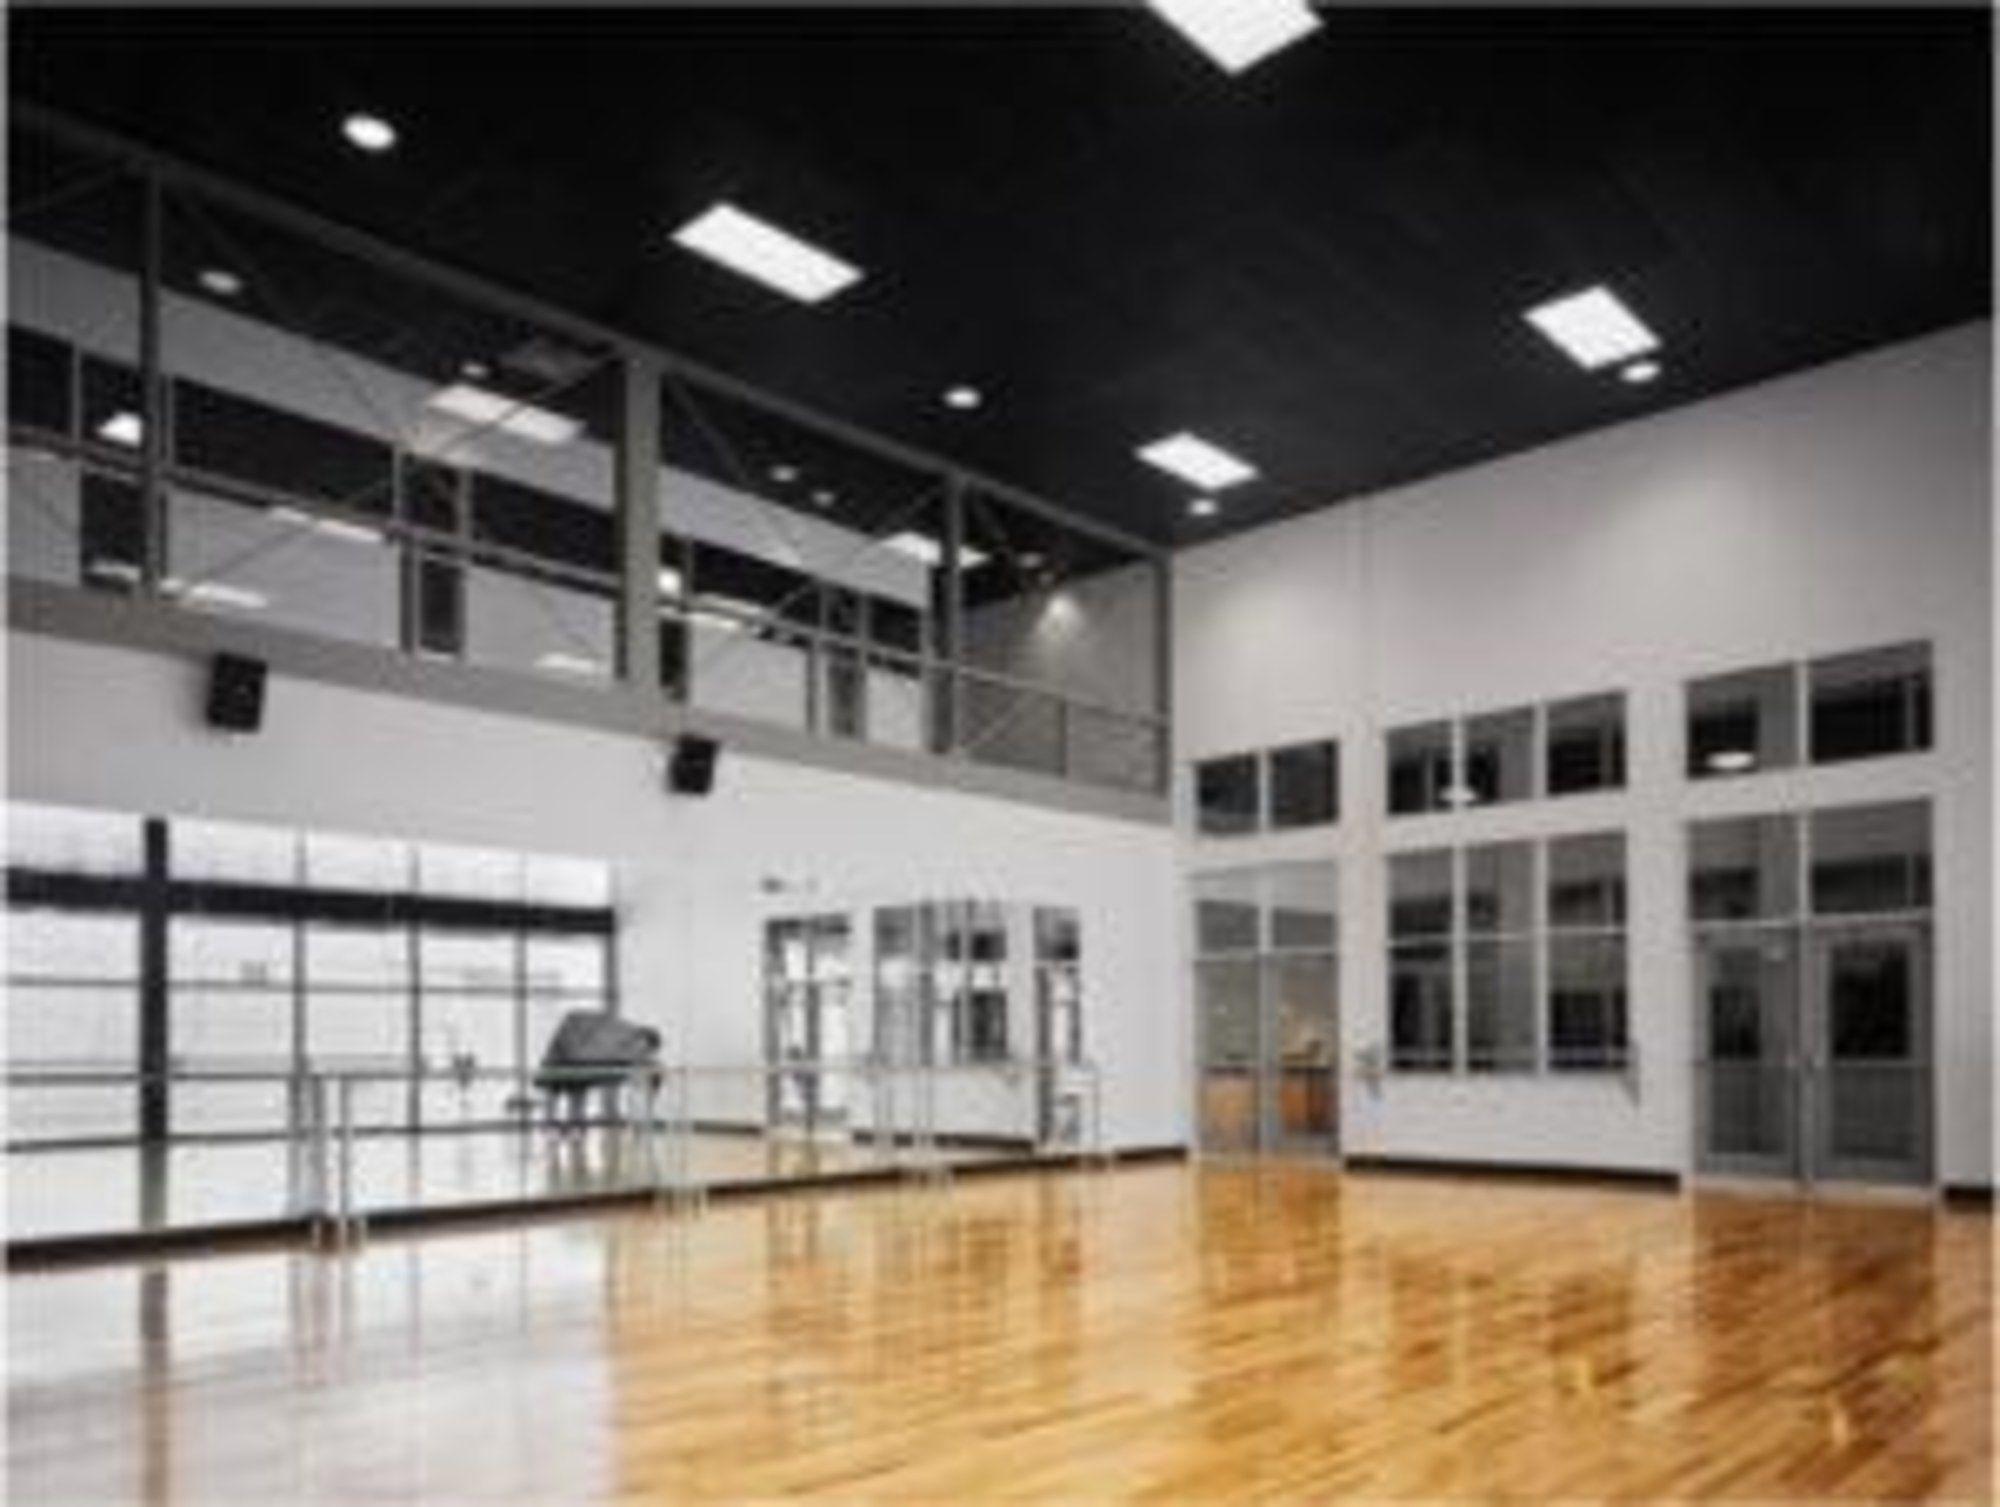 Harlequin Woodspring With Hardwood Ballet Austin Studiosopening Your Own Studio Requires Not Only A L Home Dance Studio Dance Studio Decor Dance Studio Design